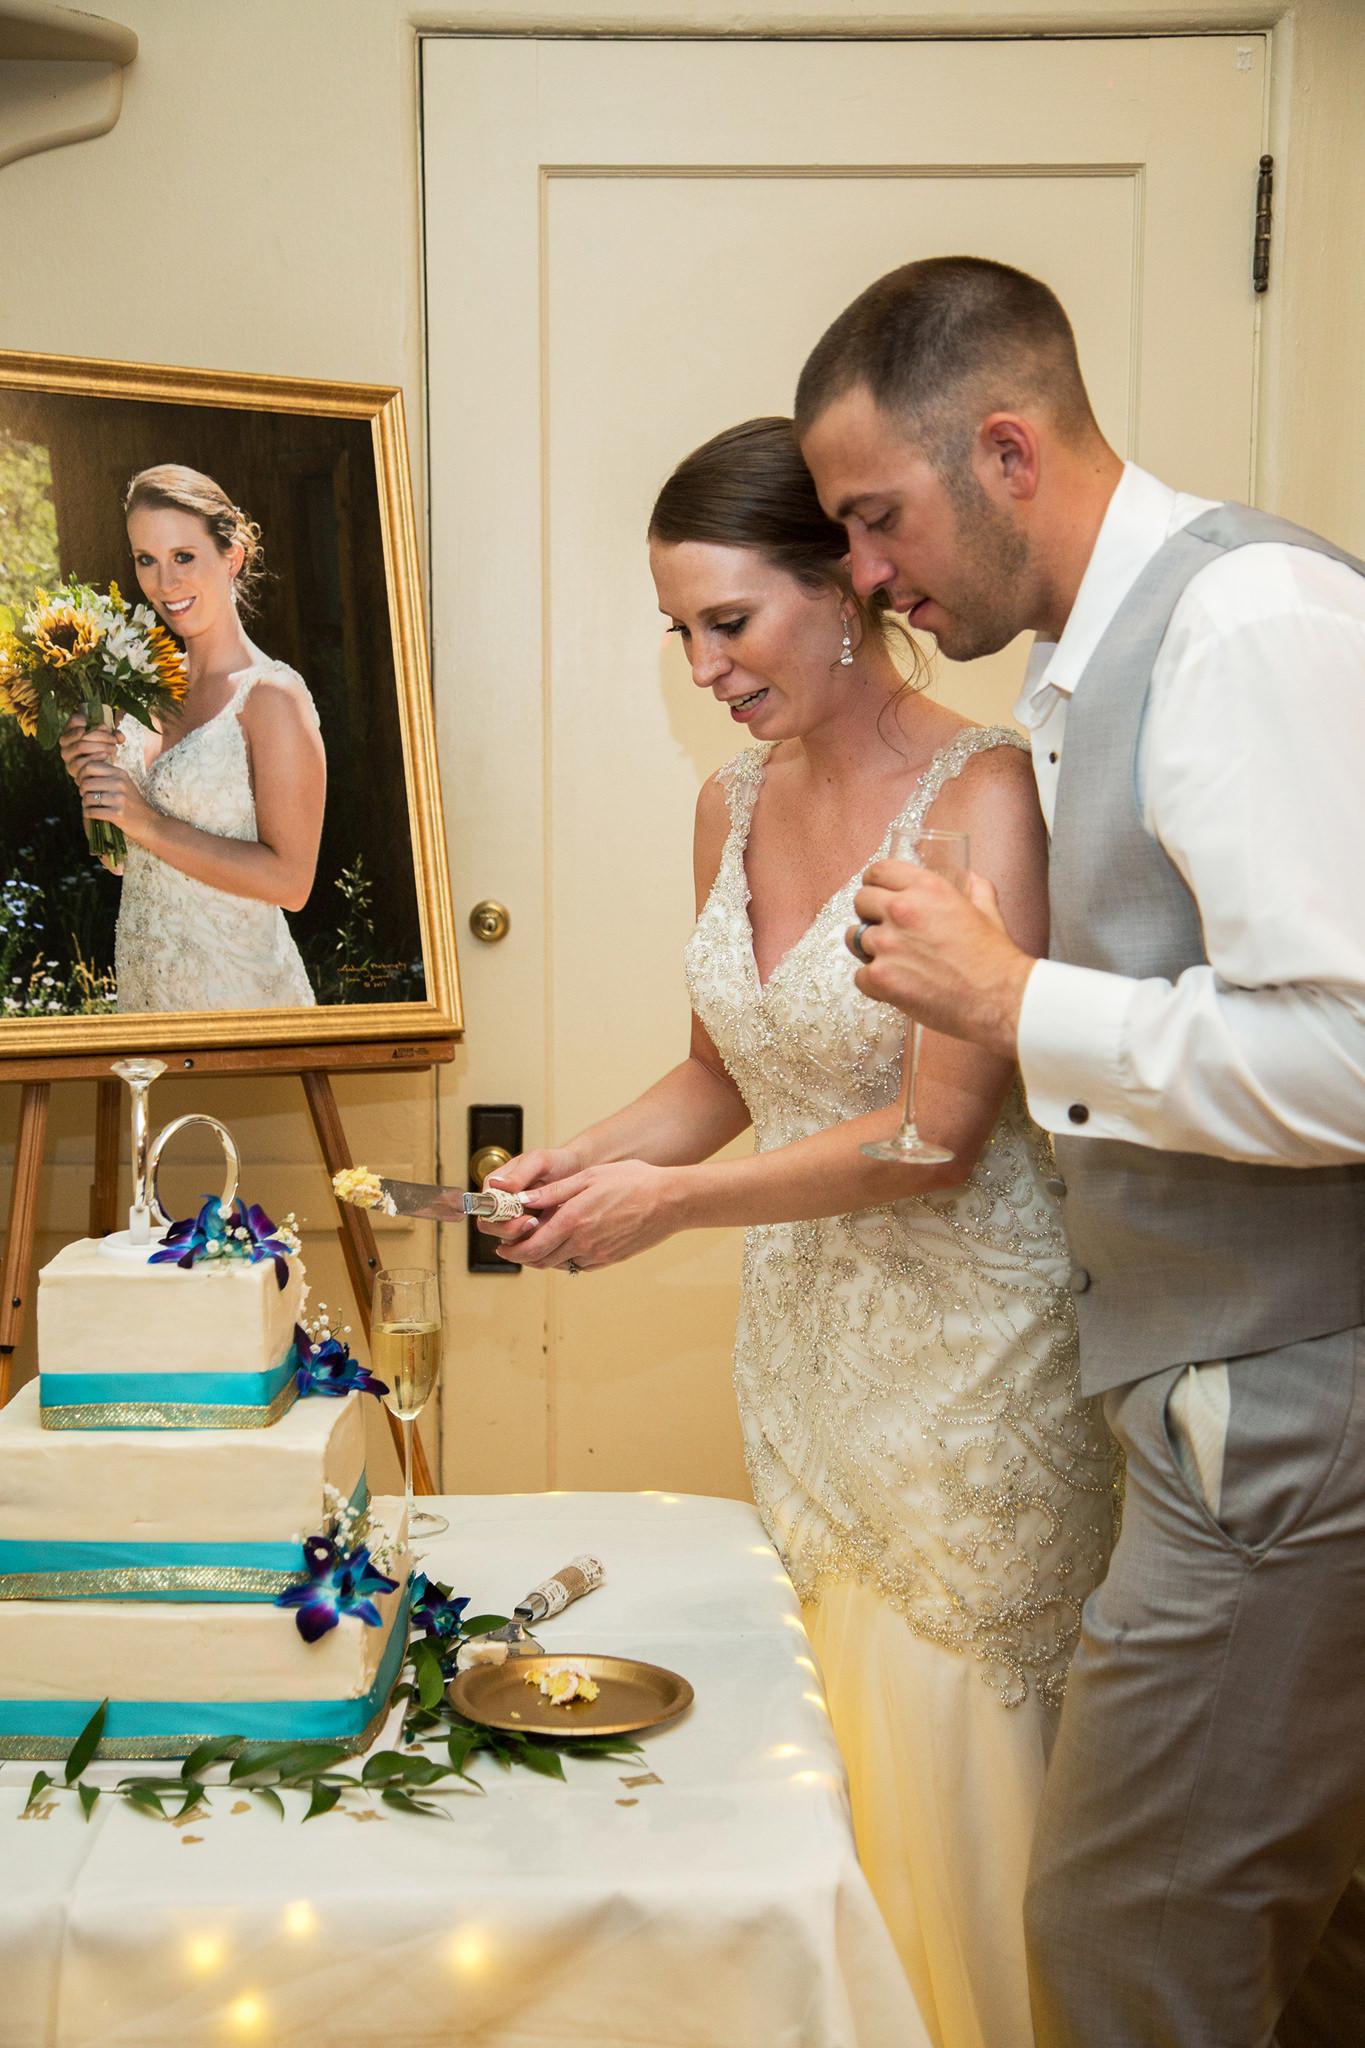 marchese_wedding_791 copy